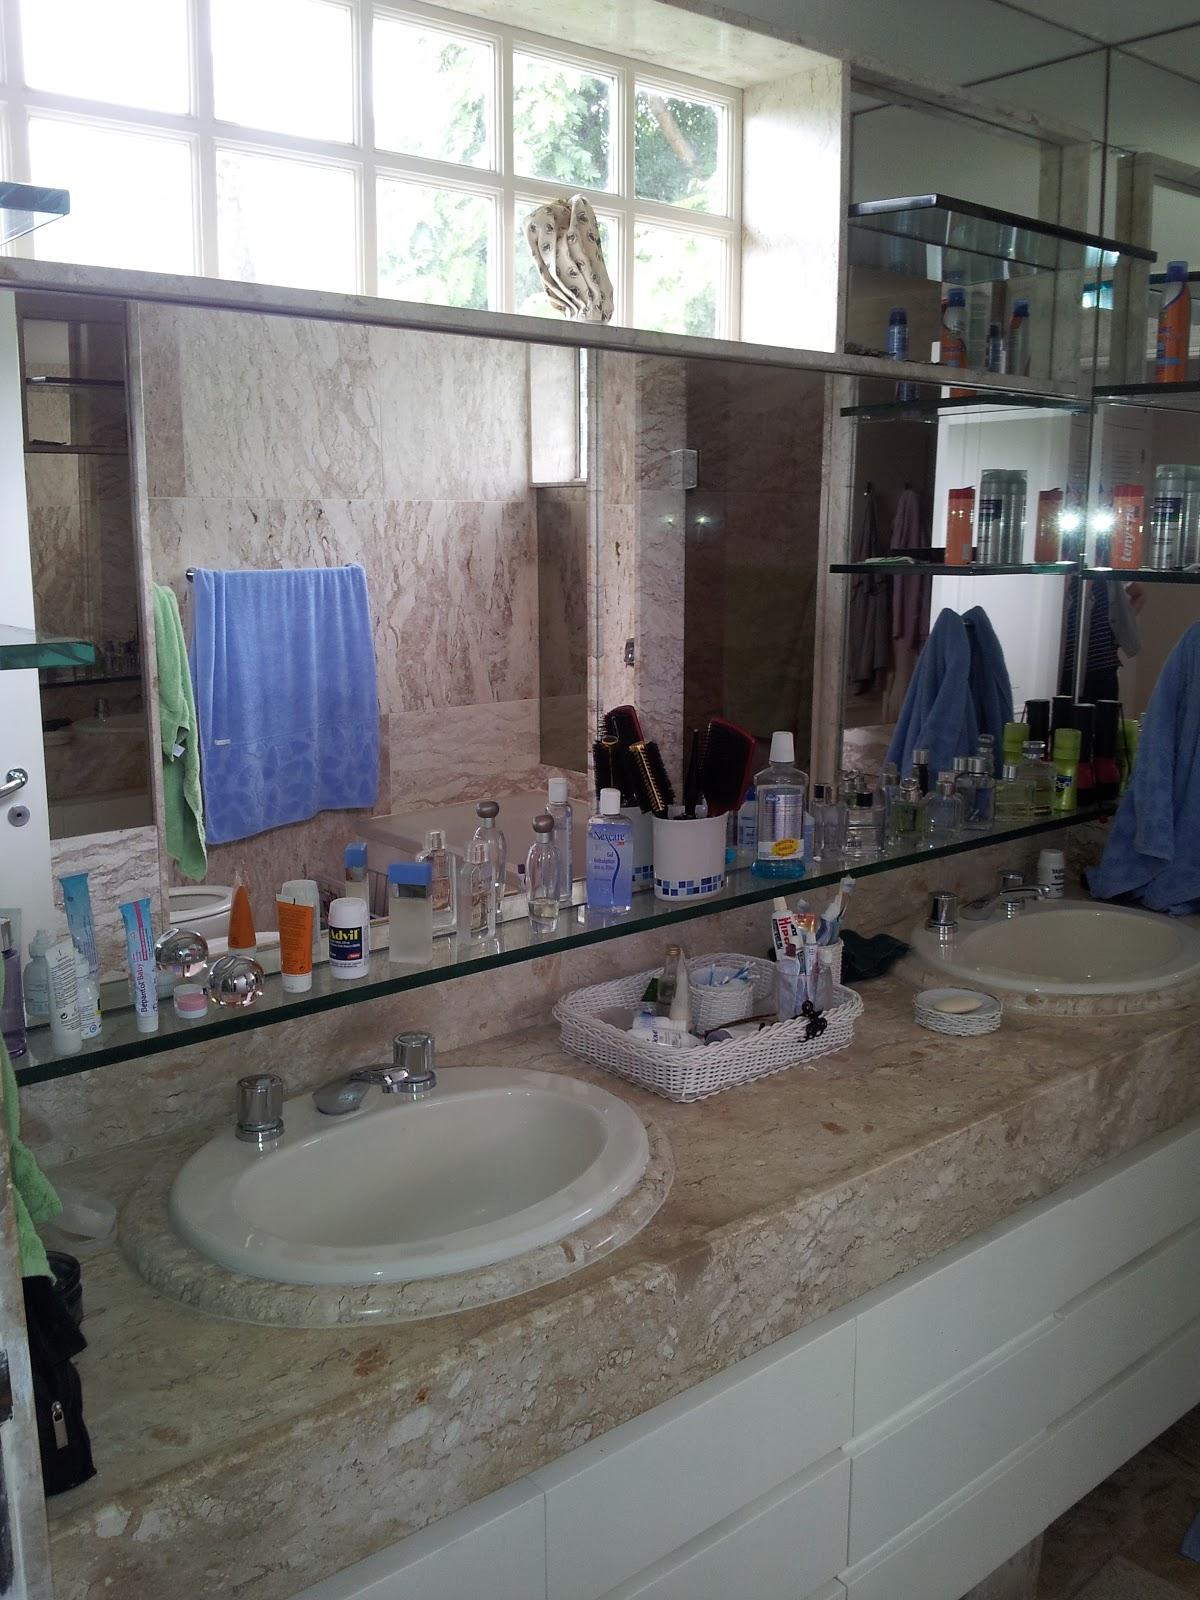 http://2.bp.blogspot.com/ ReginaSegura. arquitetura: Reforma e Design  #435888 1200 1600